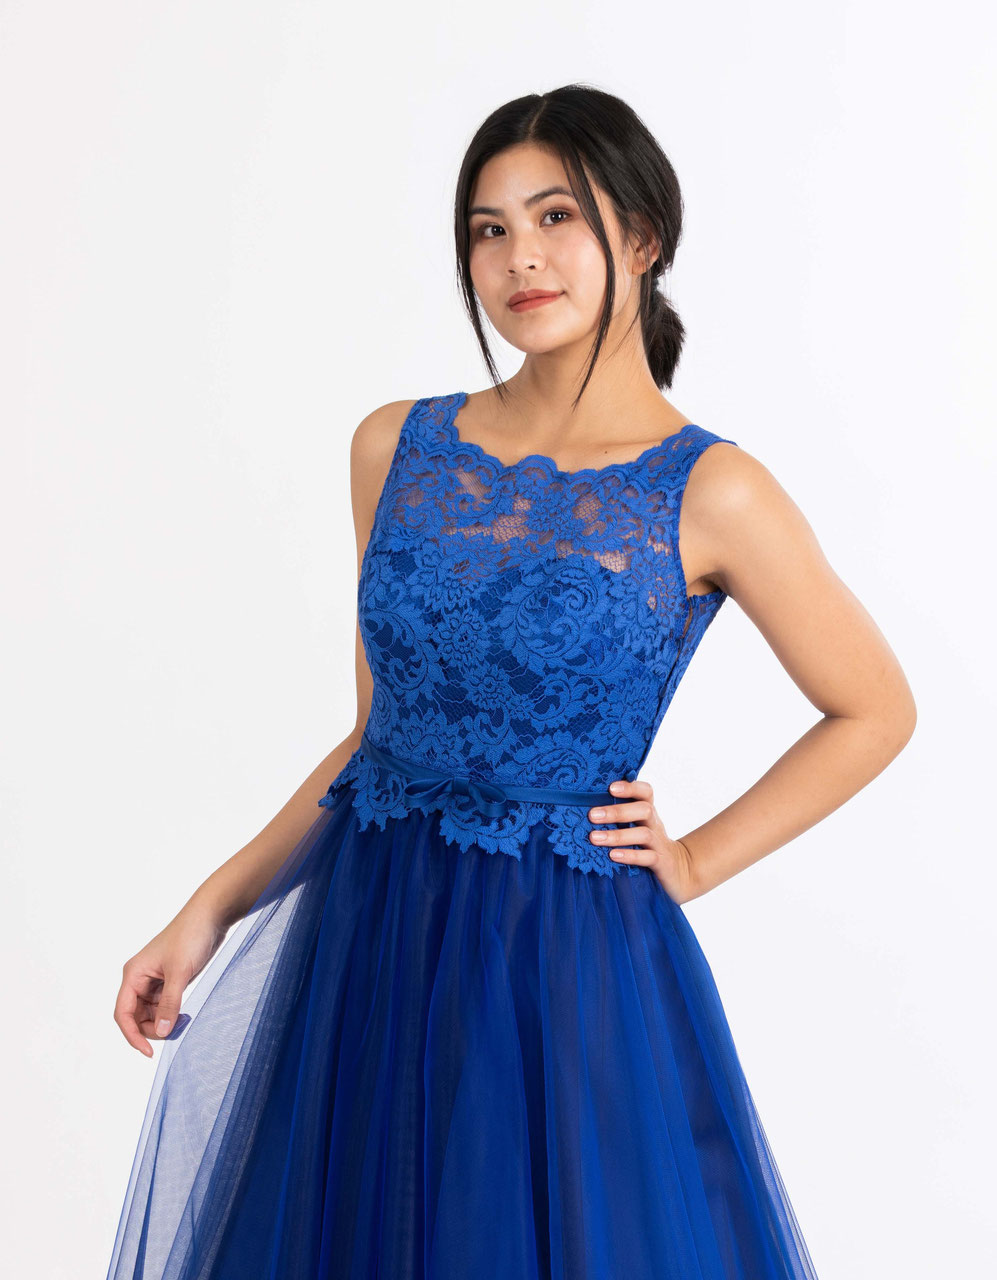 royal blaues ballkleid nach maß ganz einfach online bestellen